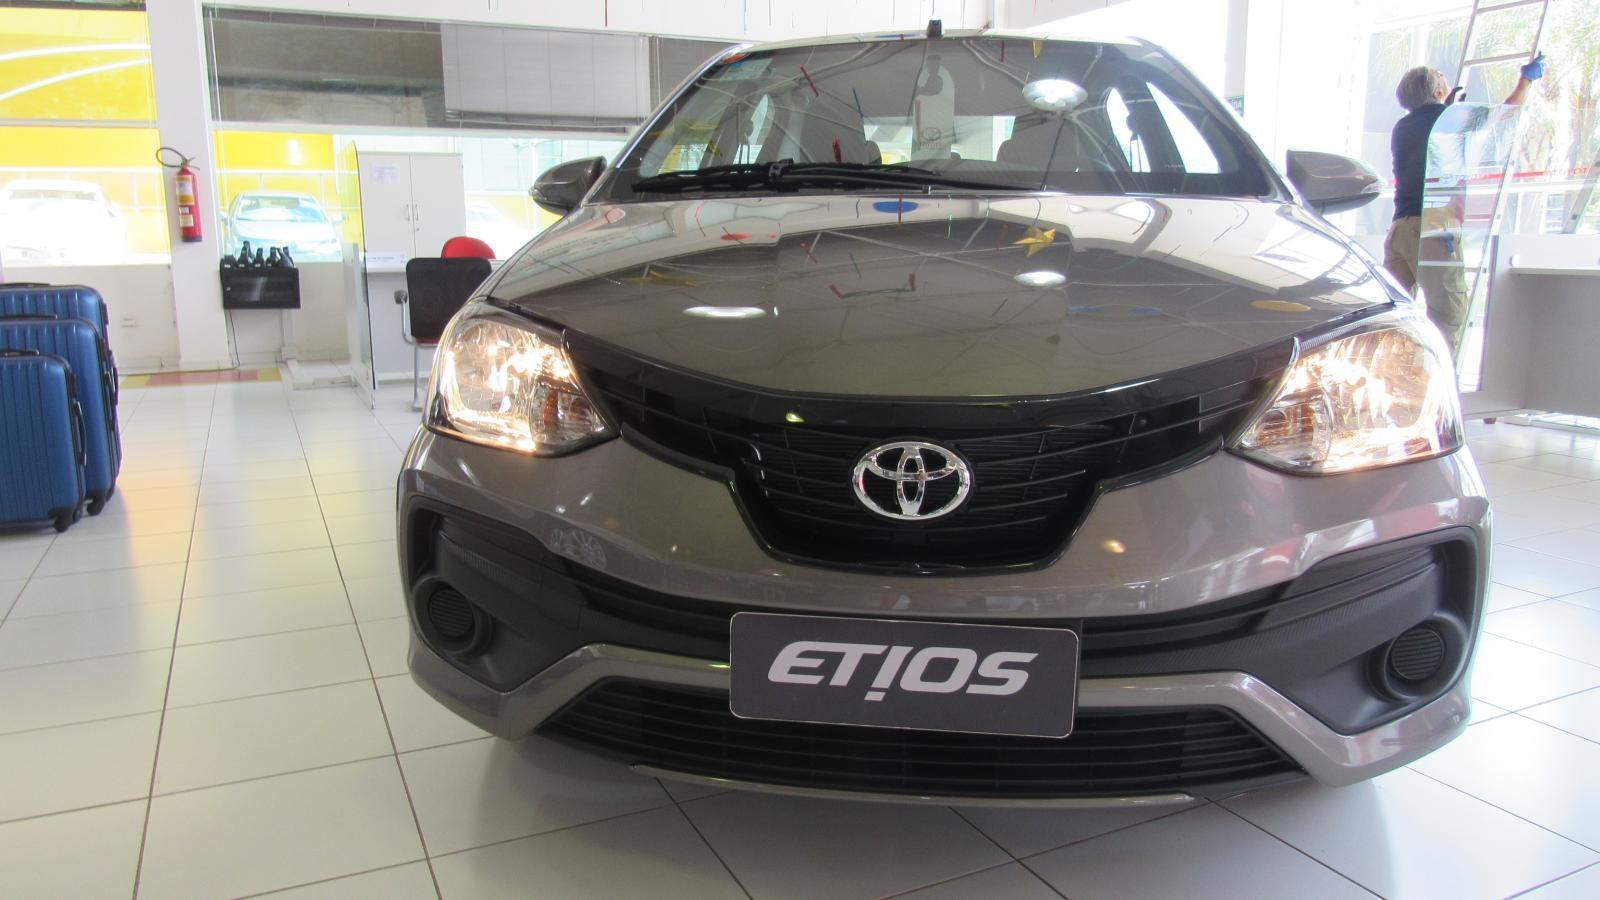 //www.autoline.com.br/carro/toyota/etios-15-x-16v-sedan-flex-4p-manual/2020/brasilia-df/12330399